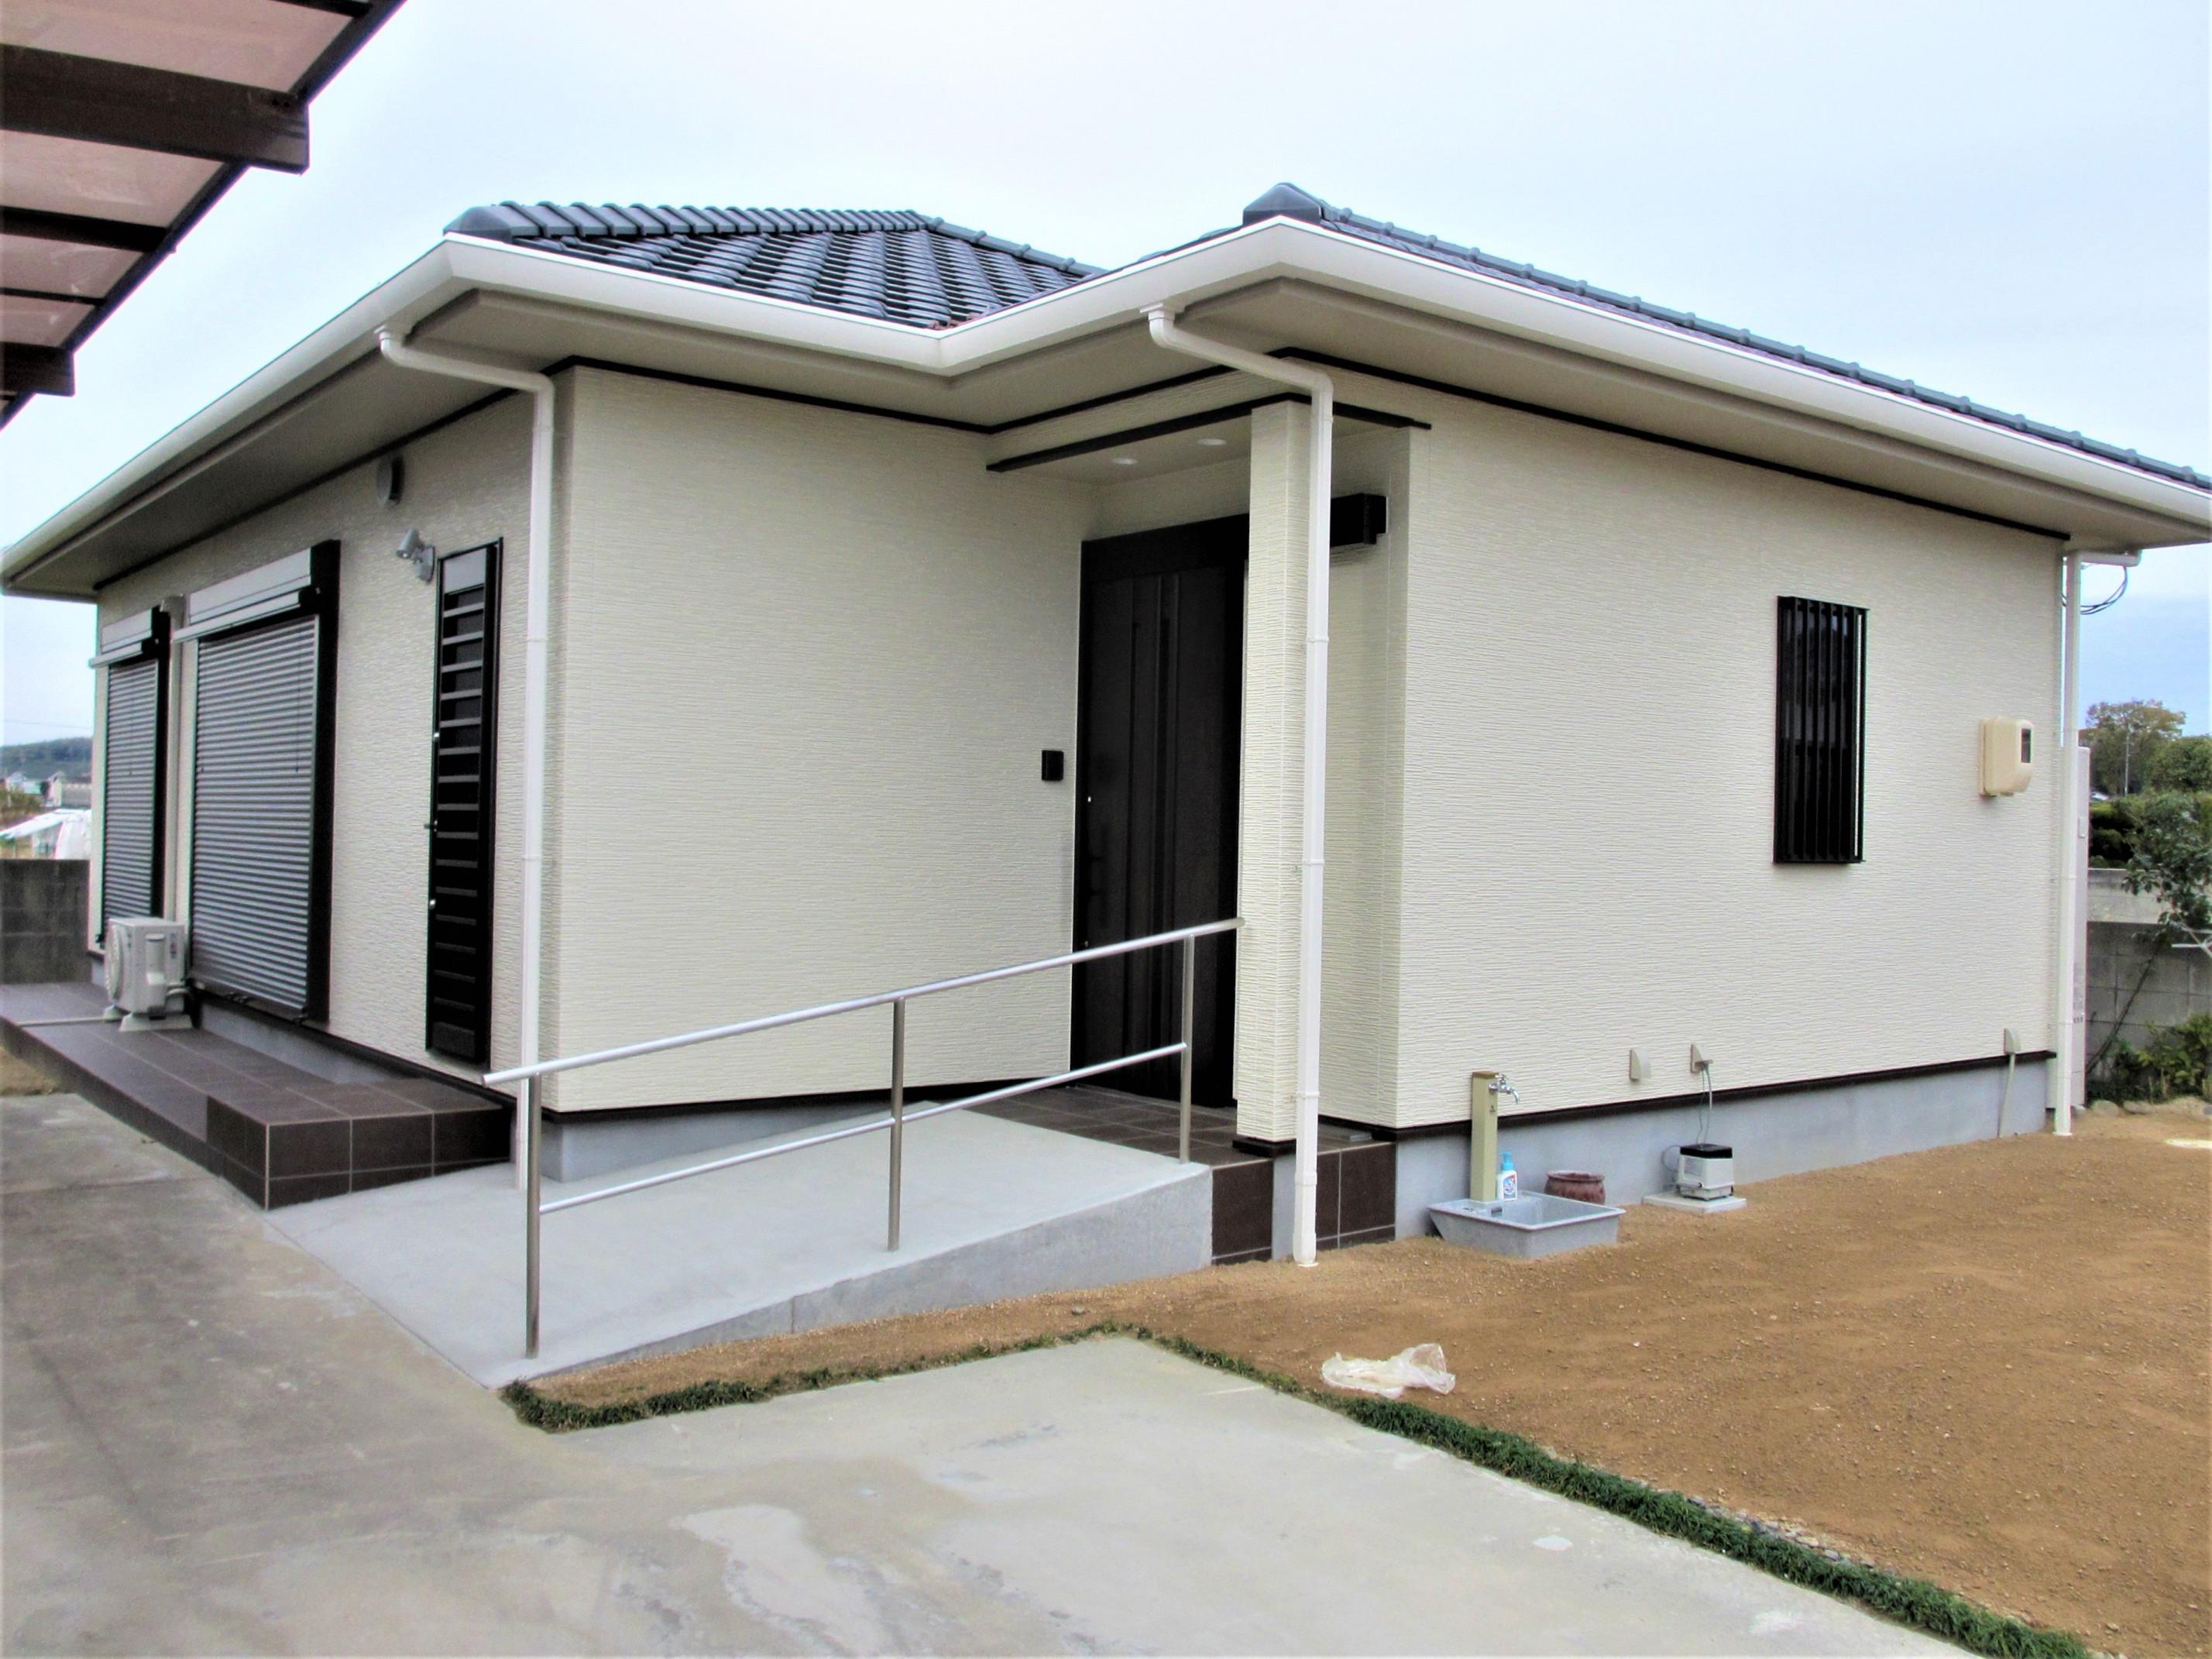 倉敷市M様邸 生活の快適さを詰め込んだ平屋造りの家イメージ